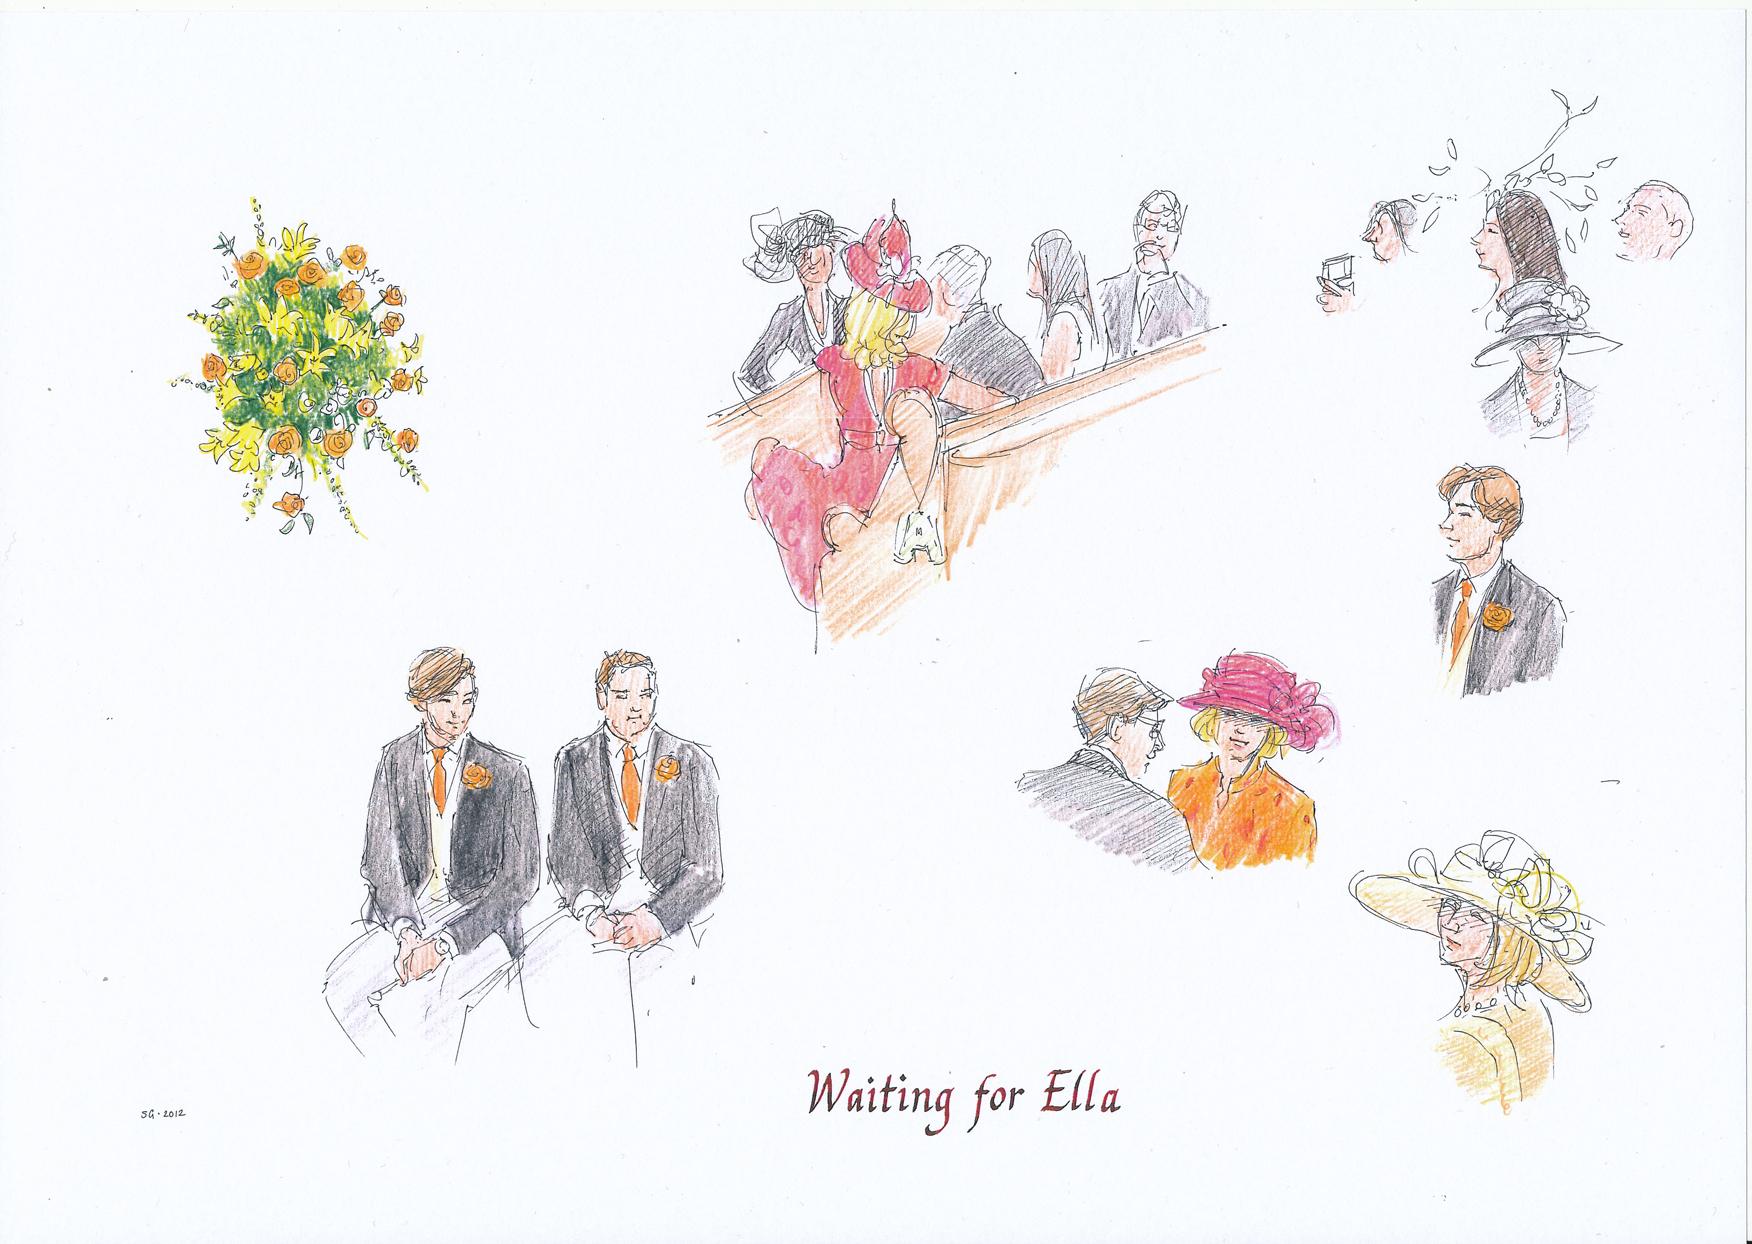 alex-and-ella-waiting-for-ella